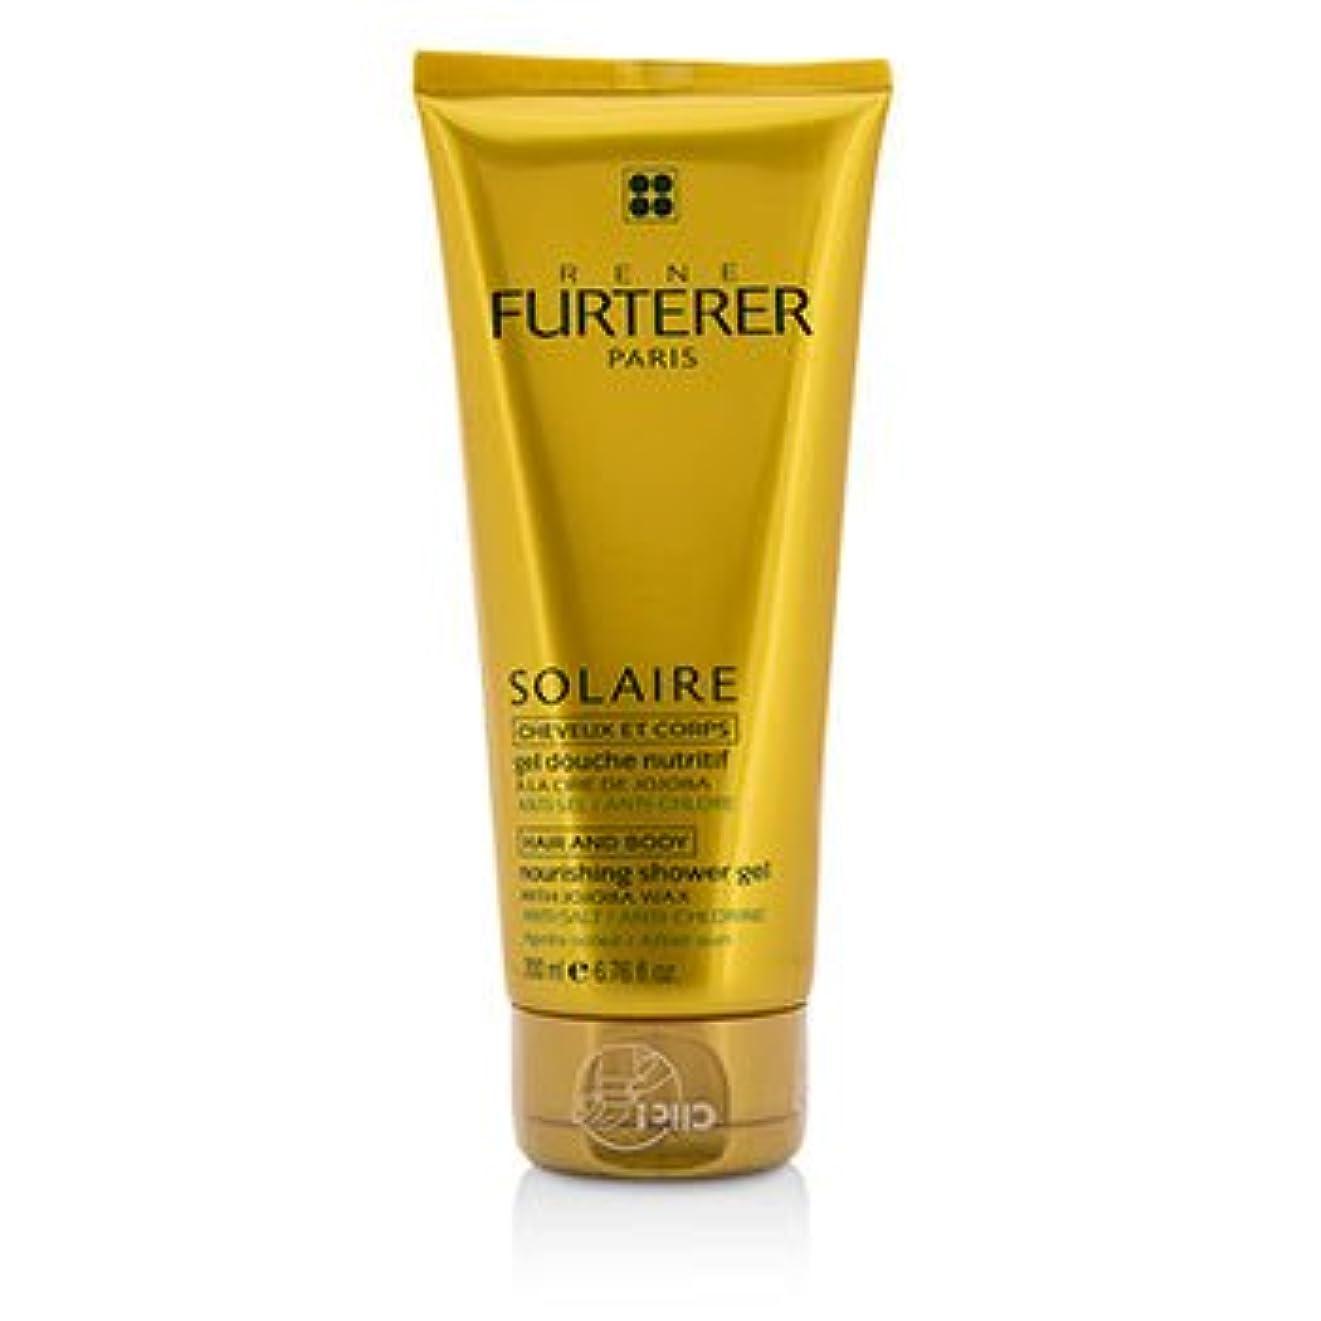 魅了するゲインセイ石炭[Rene Furterer] Solaire Nourishing Shower Gel with Jojoba Wax (Hair and Body) 200ml/6.76oz